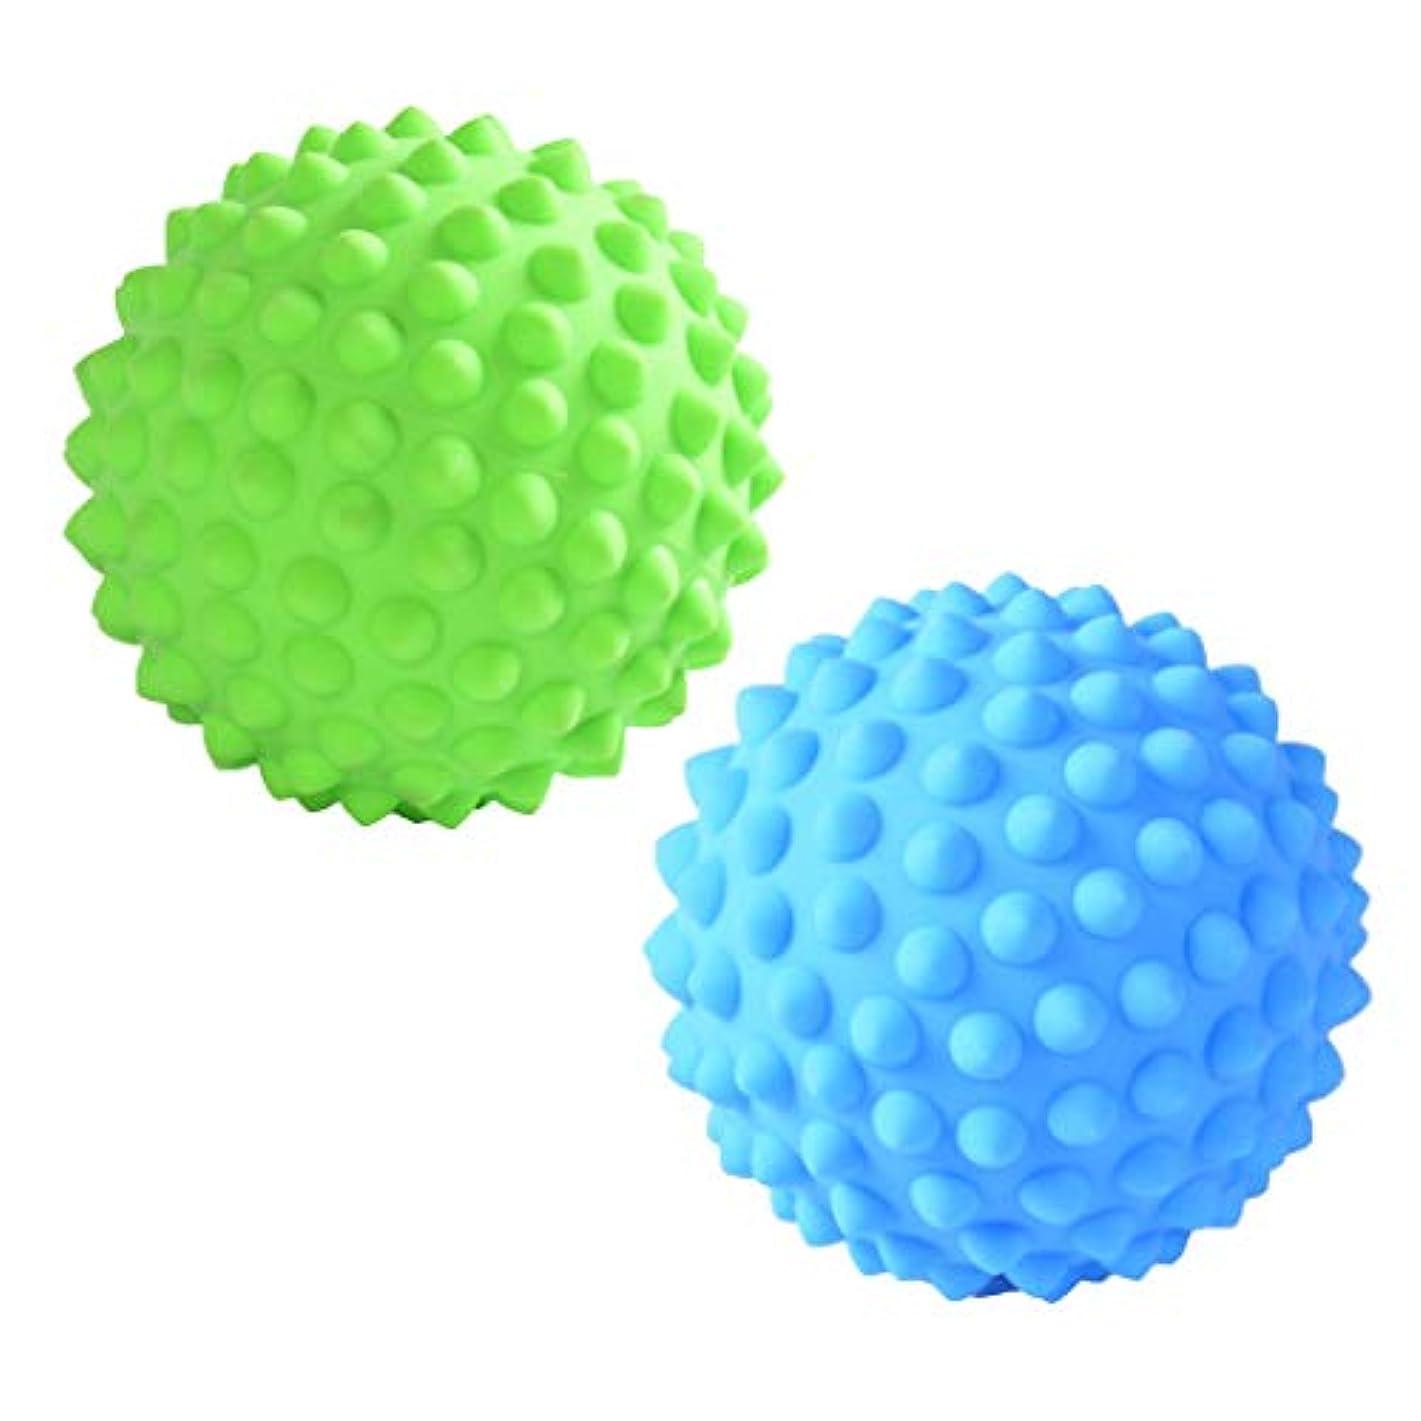 ラップおもしろい施し2個 マッサージローラーボール 指圧ボール PVC トリガーポイント 疲れ解消ボール ヨガ 疲労軽減